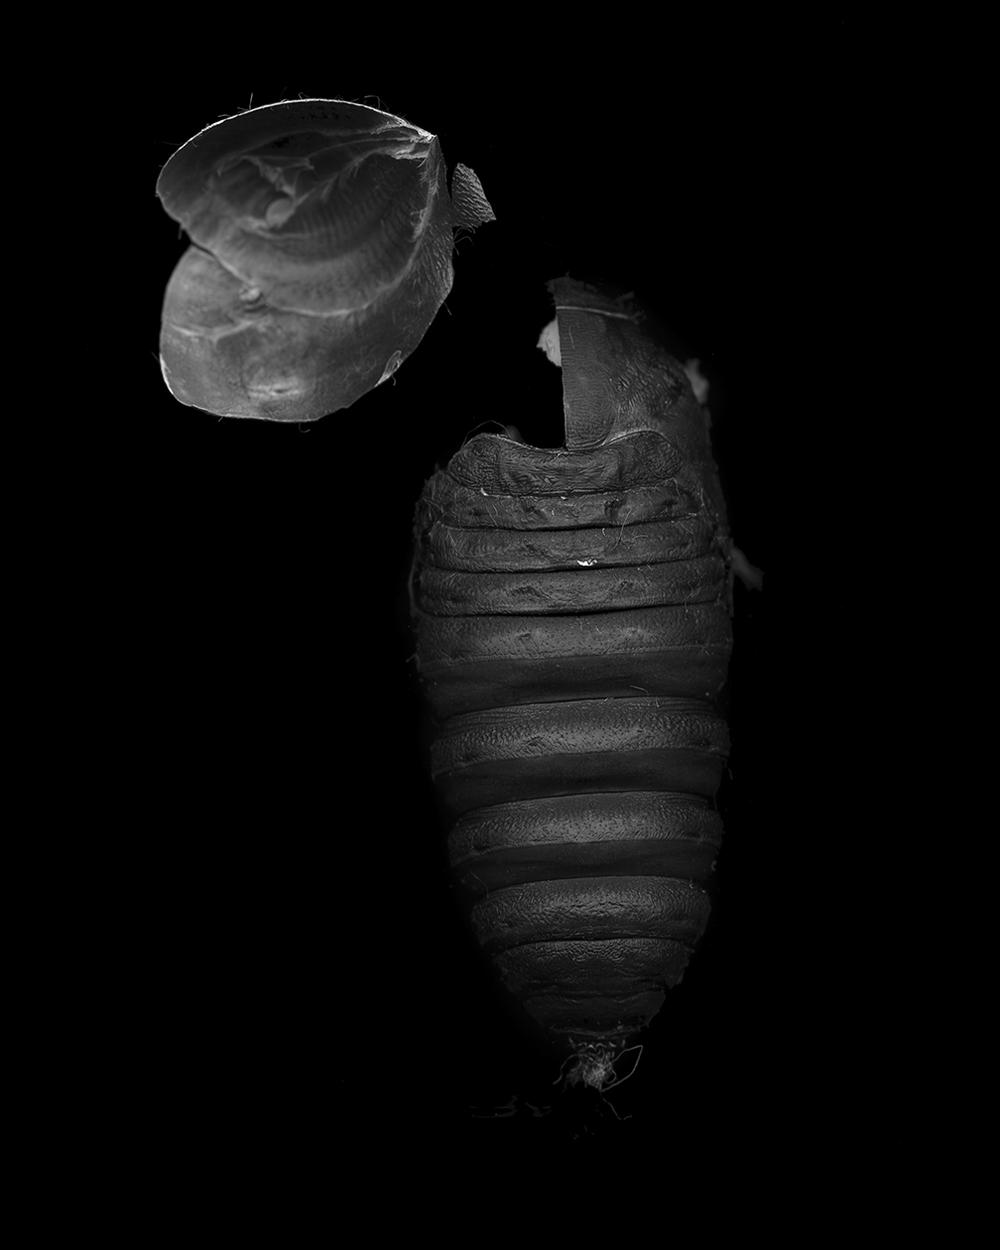 Antheraea Polyphemus Pupa (2014)